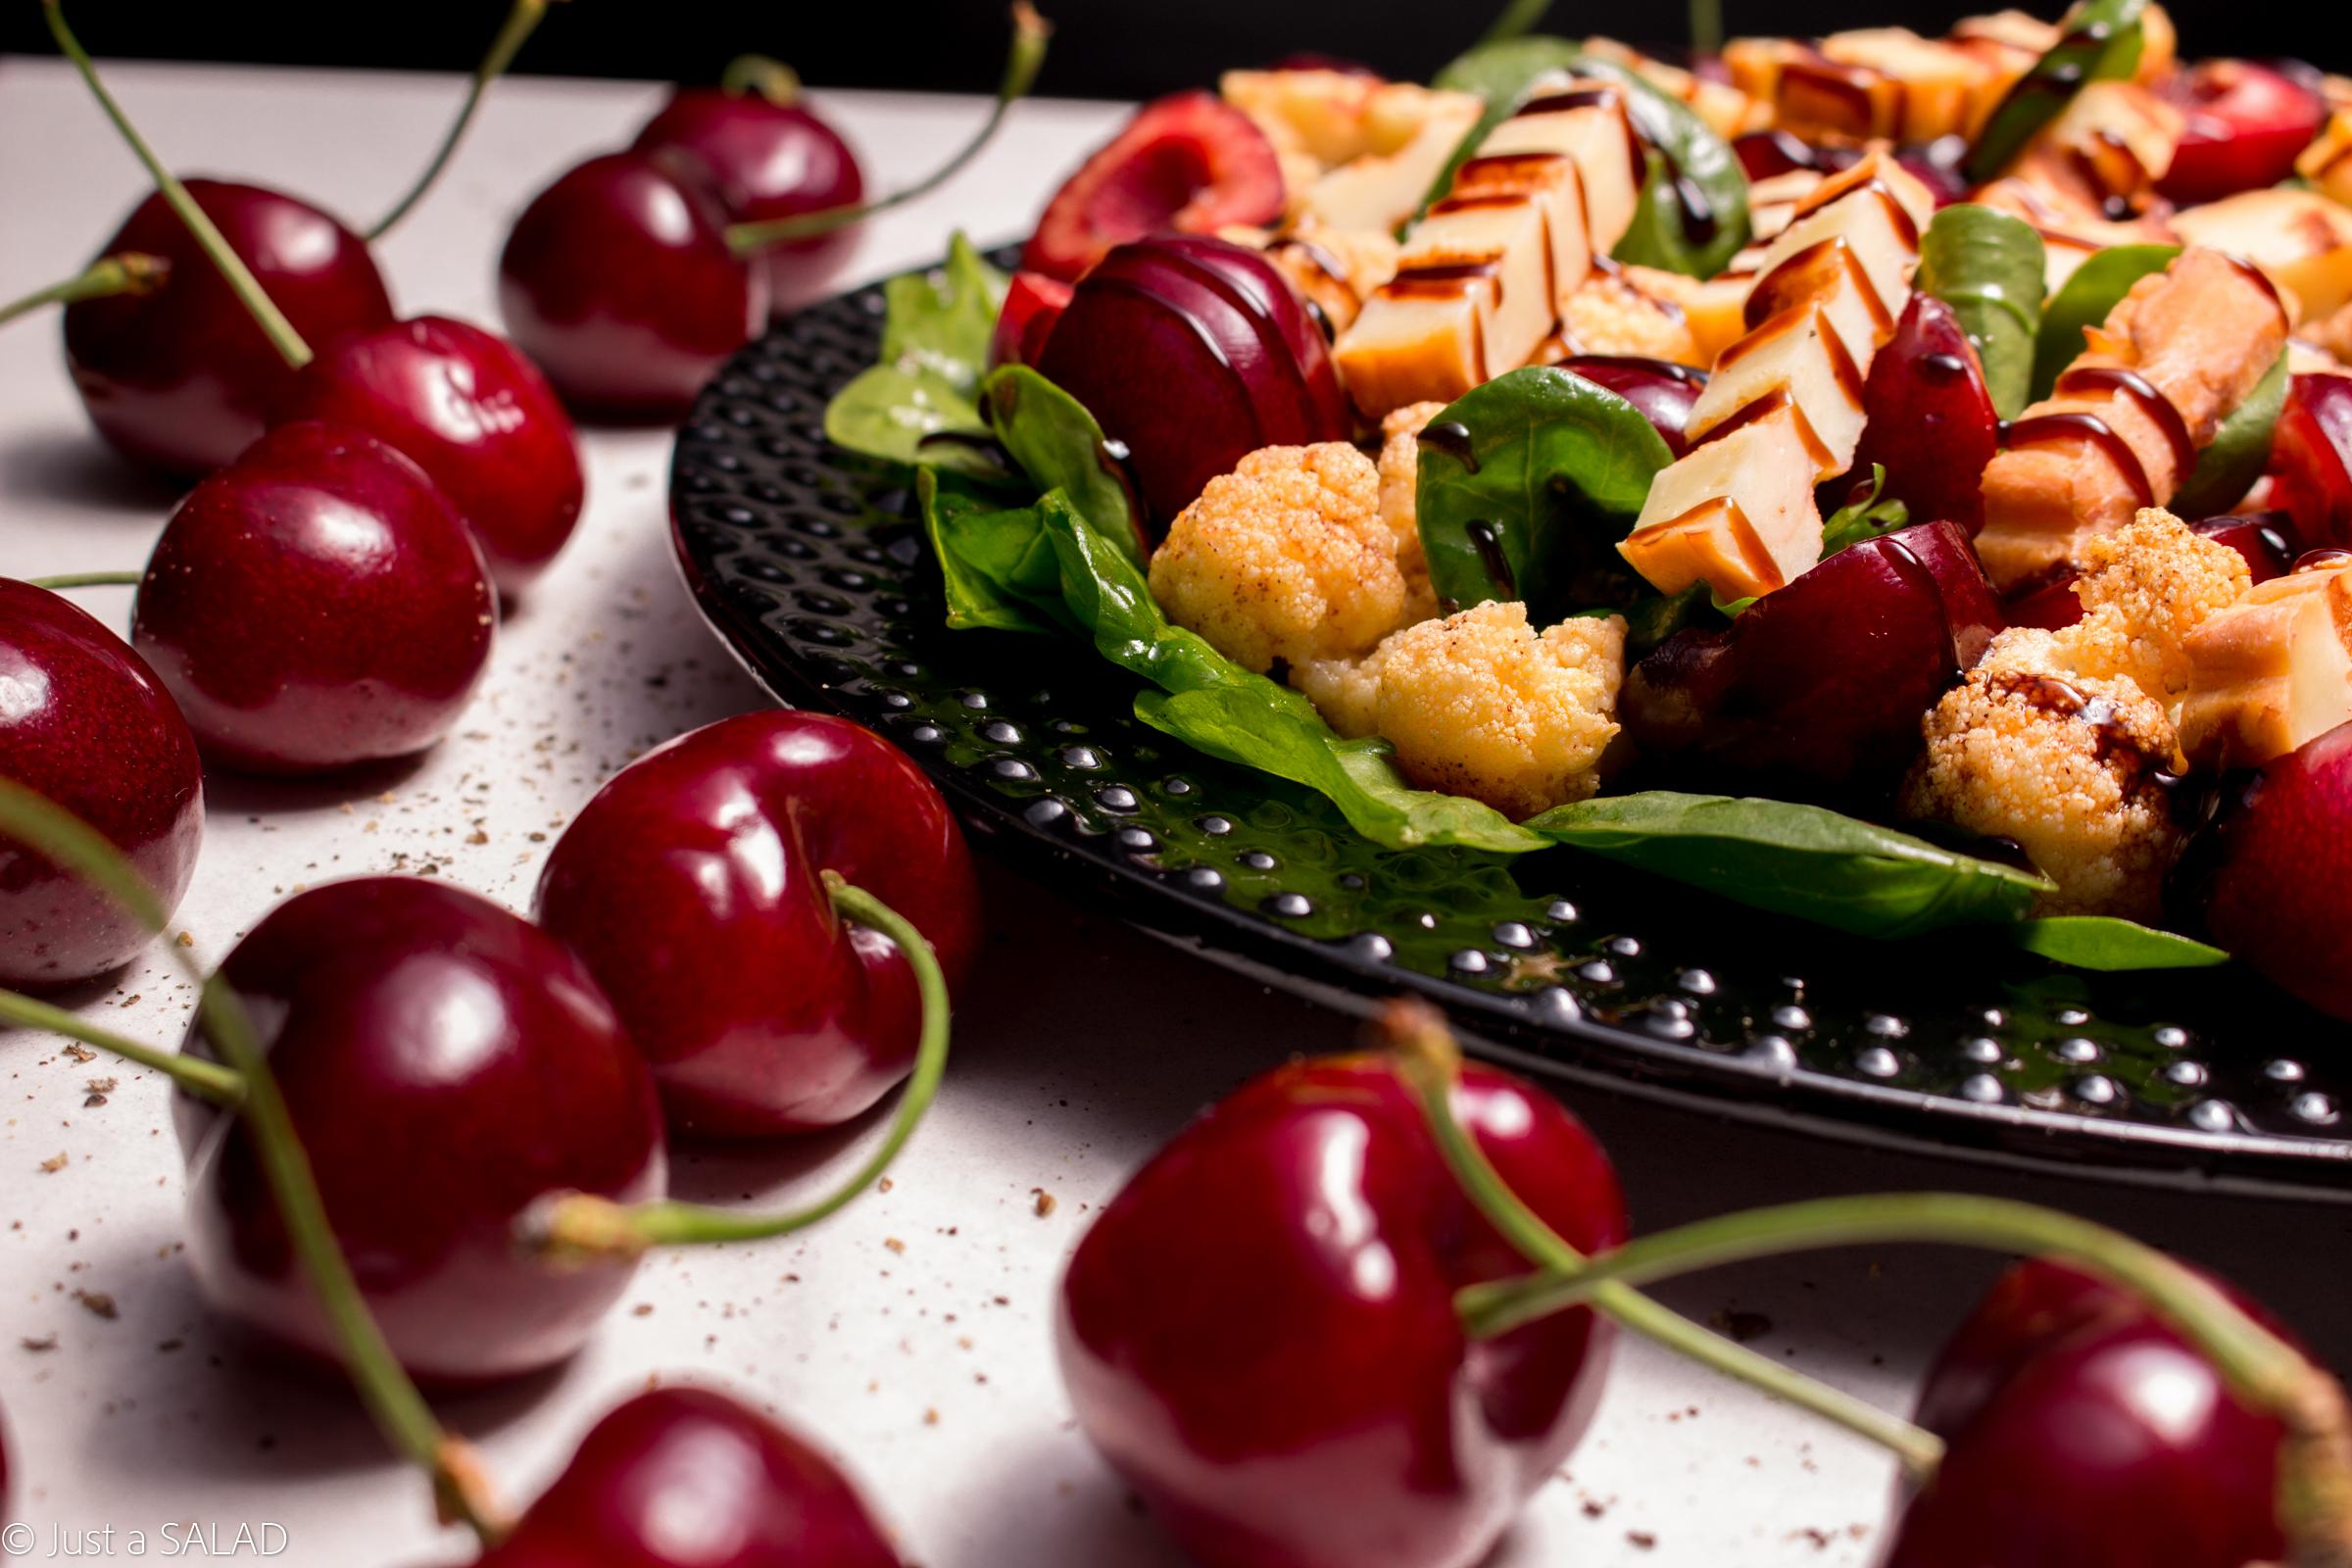 Sałatka ze szpinakiem, oscypkiem, kalafiorem, czereśniami i cynamonowym dressingiem.